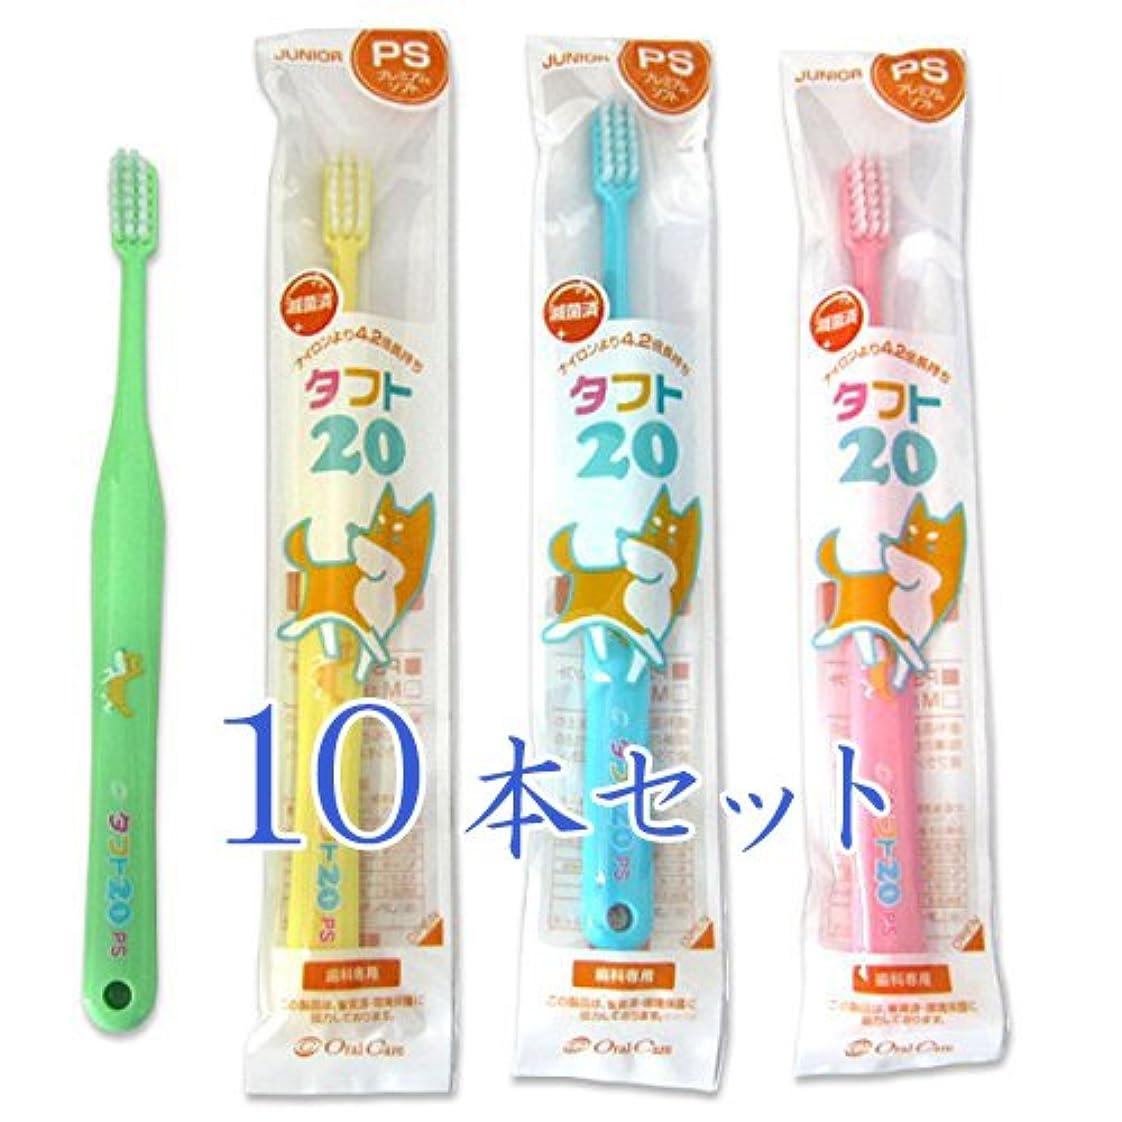 抑制憂鬱車両タフト20 PS プレミアムソフト 歯ブラシ混合歯列期用(6~12歳)×10本セット